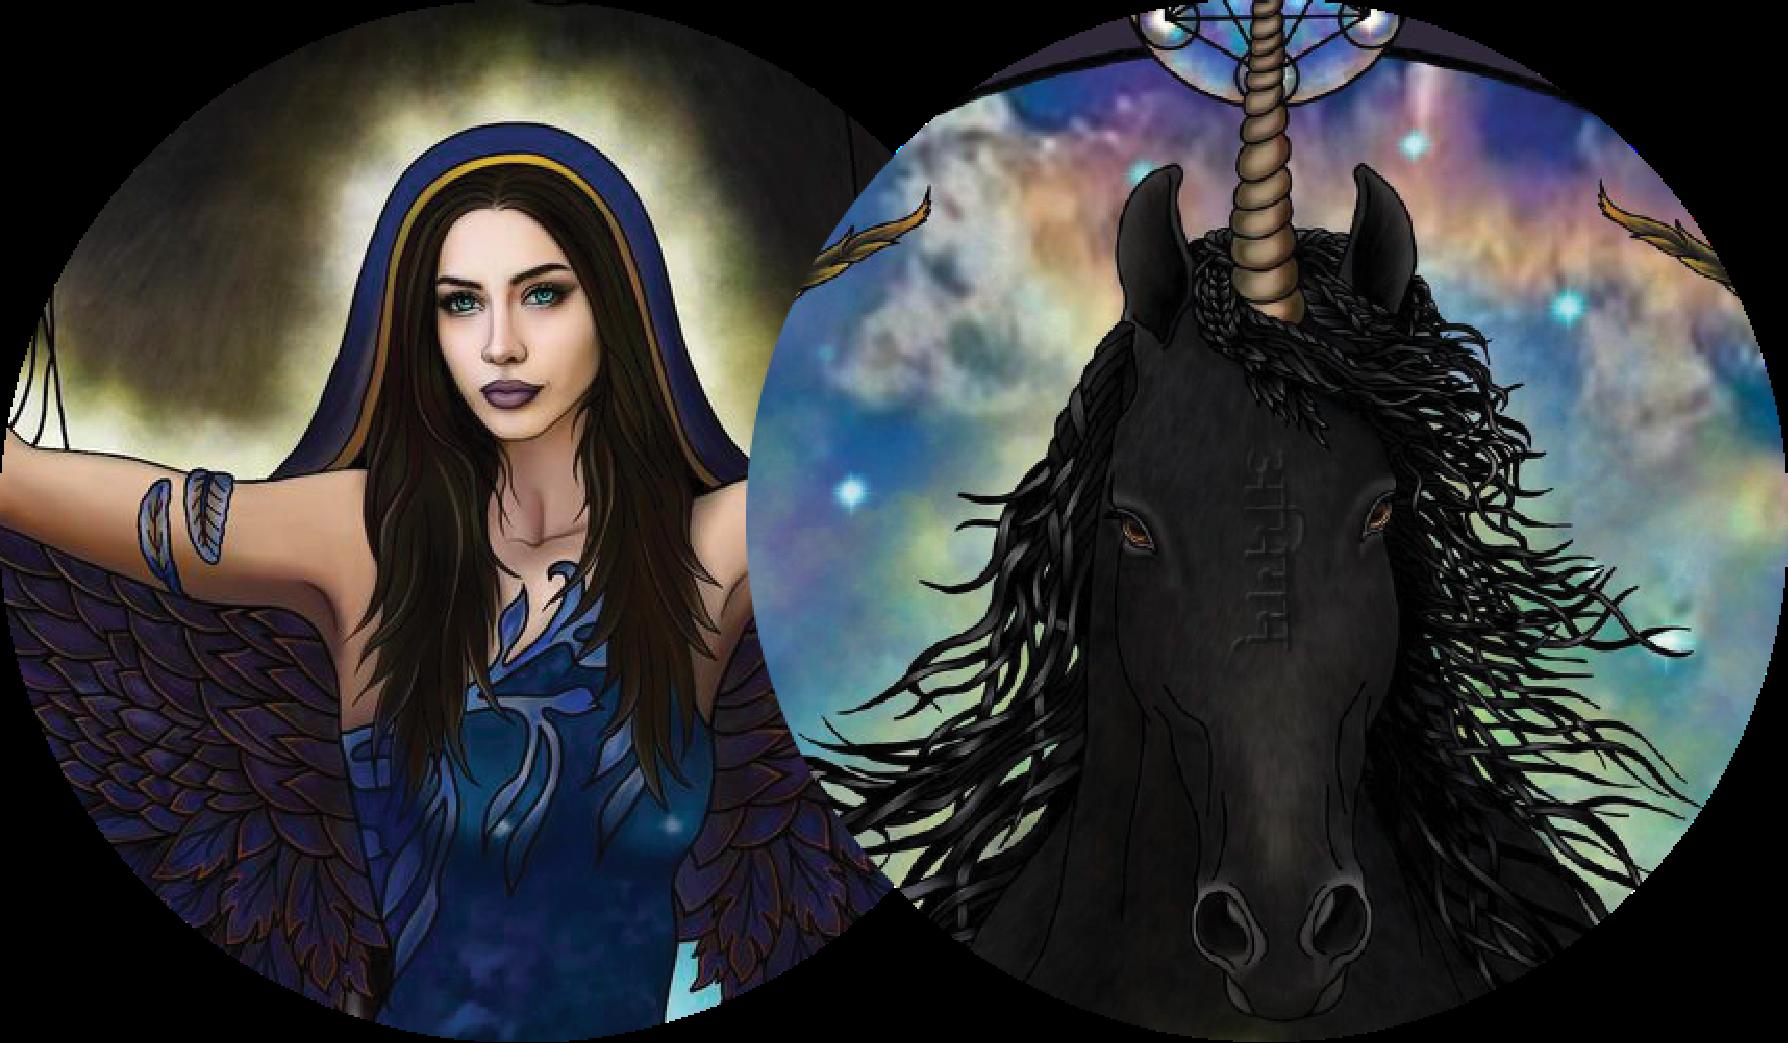 Isis and black unicorn